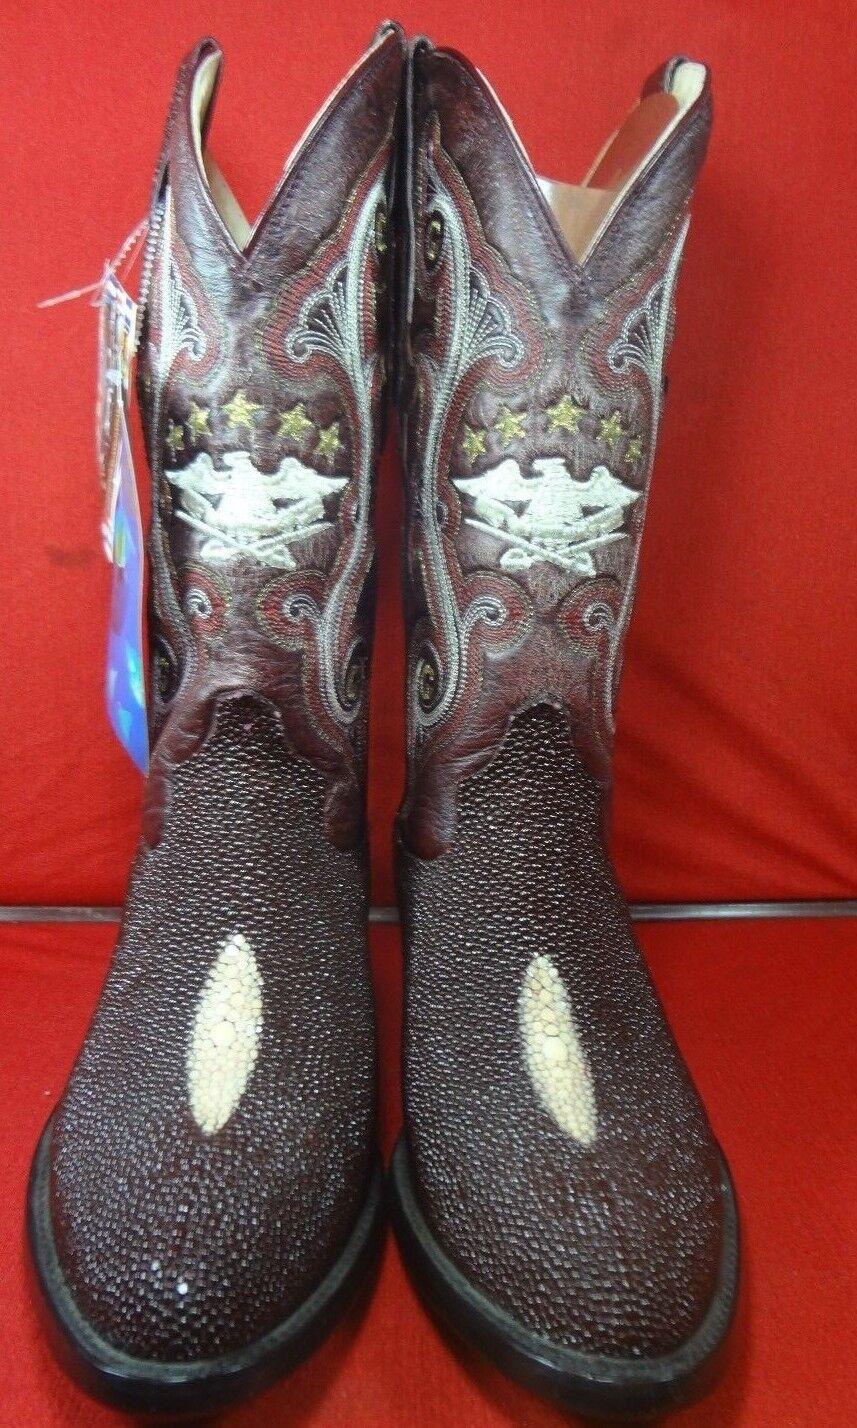 Herren  Exotic  STINgrau SINGLE STONE Western Cowboy Stiefel By EL GENERAL (0010)